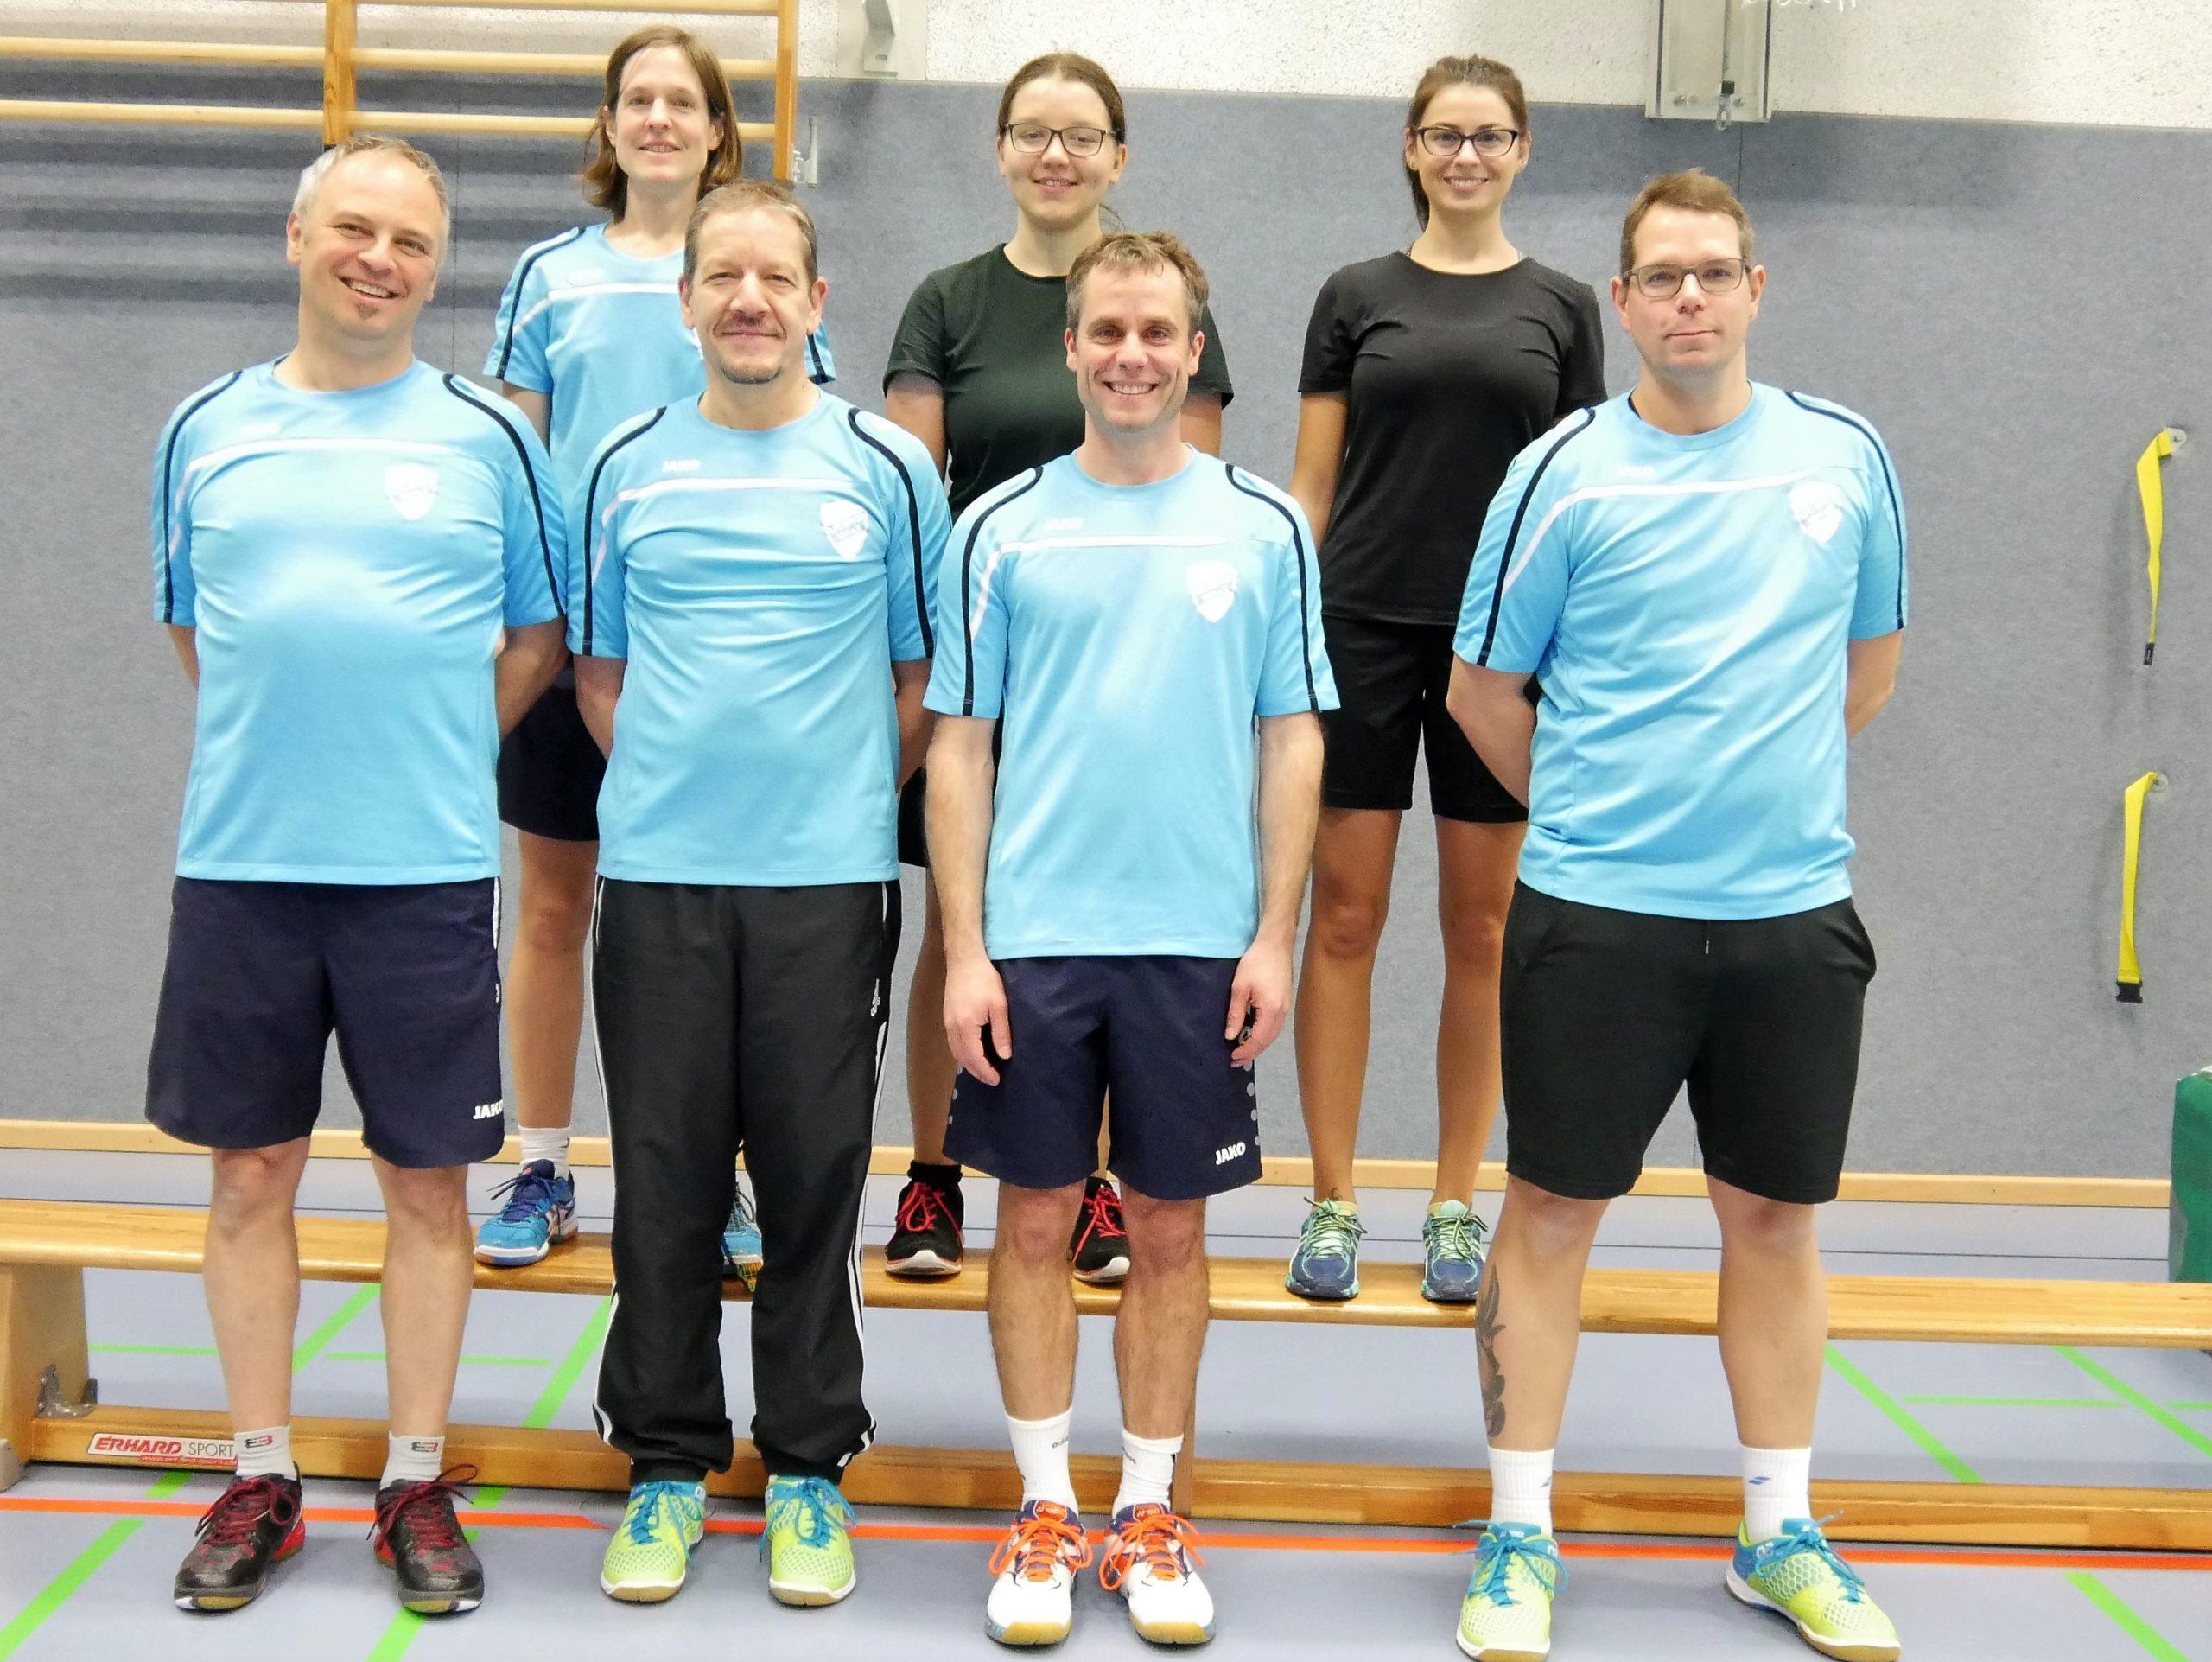 Gruppenbild vor dem Spiel beim STV Siegburg 5